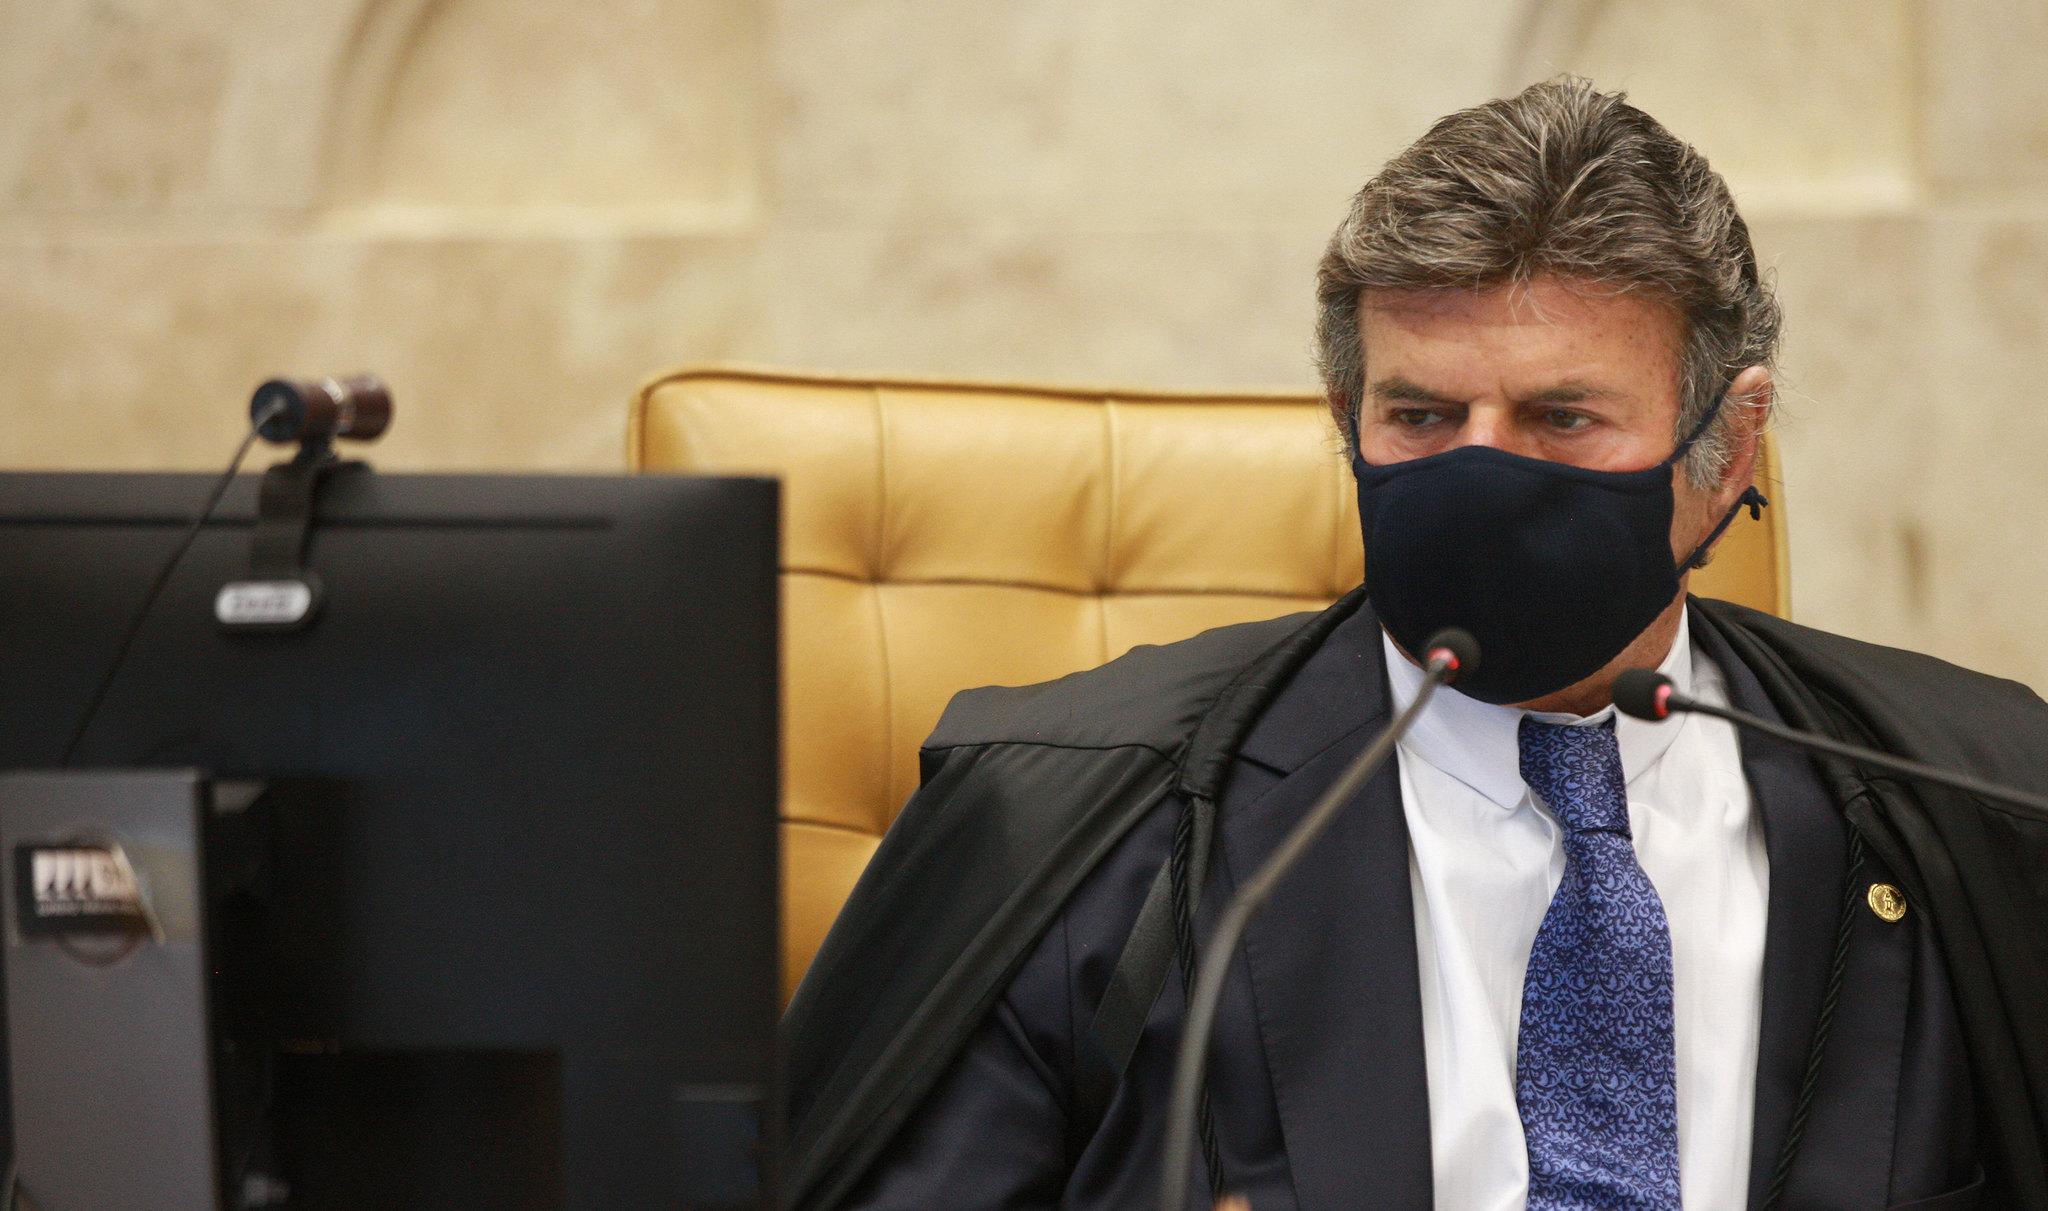 Ministro Luiz Fux preside sessão plenária do STF